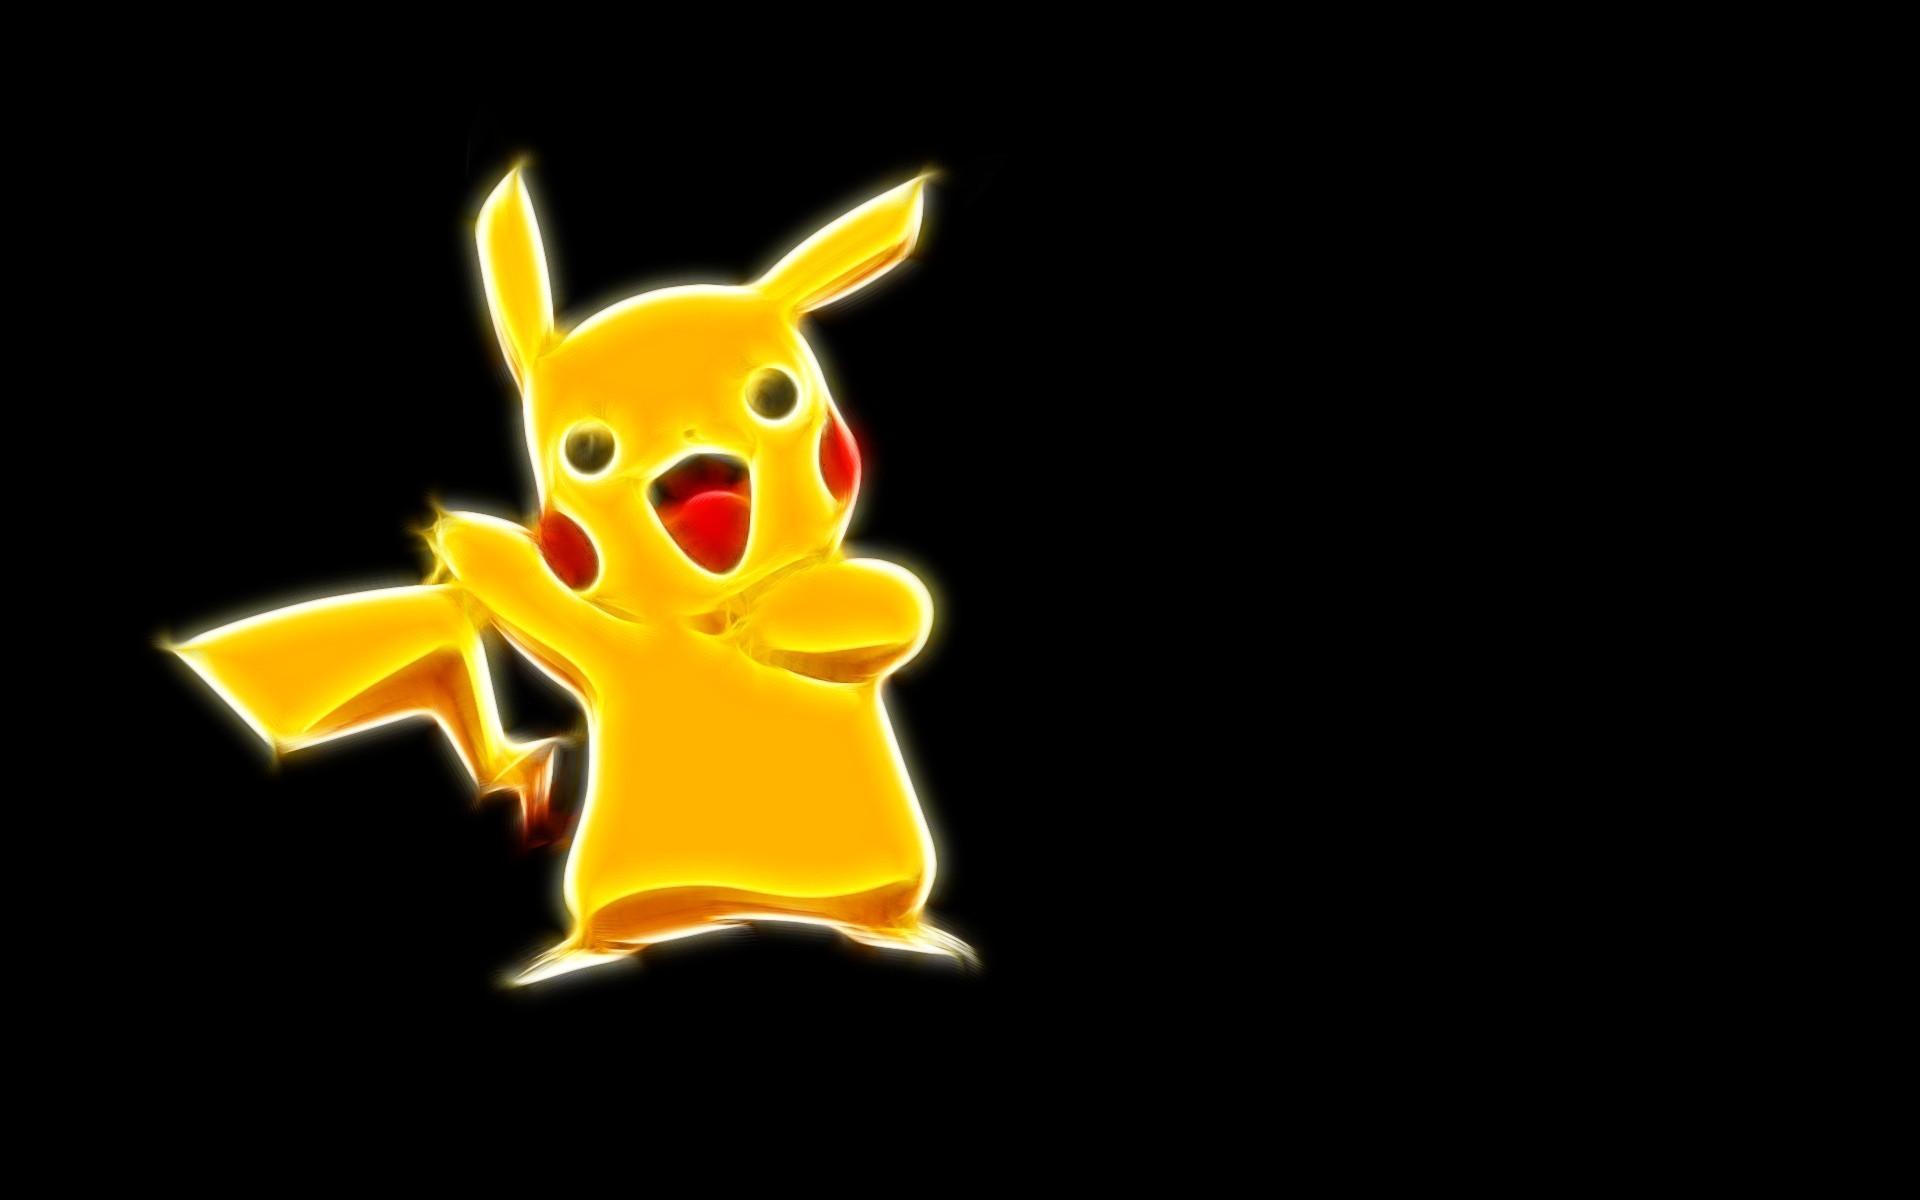 Pokemon pikachu wallpapers HD.